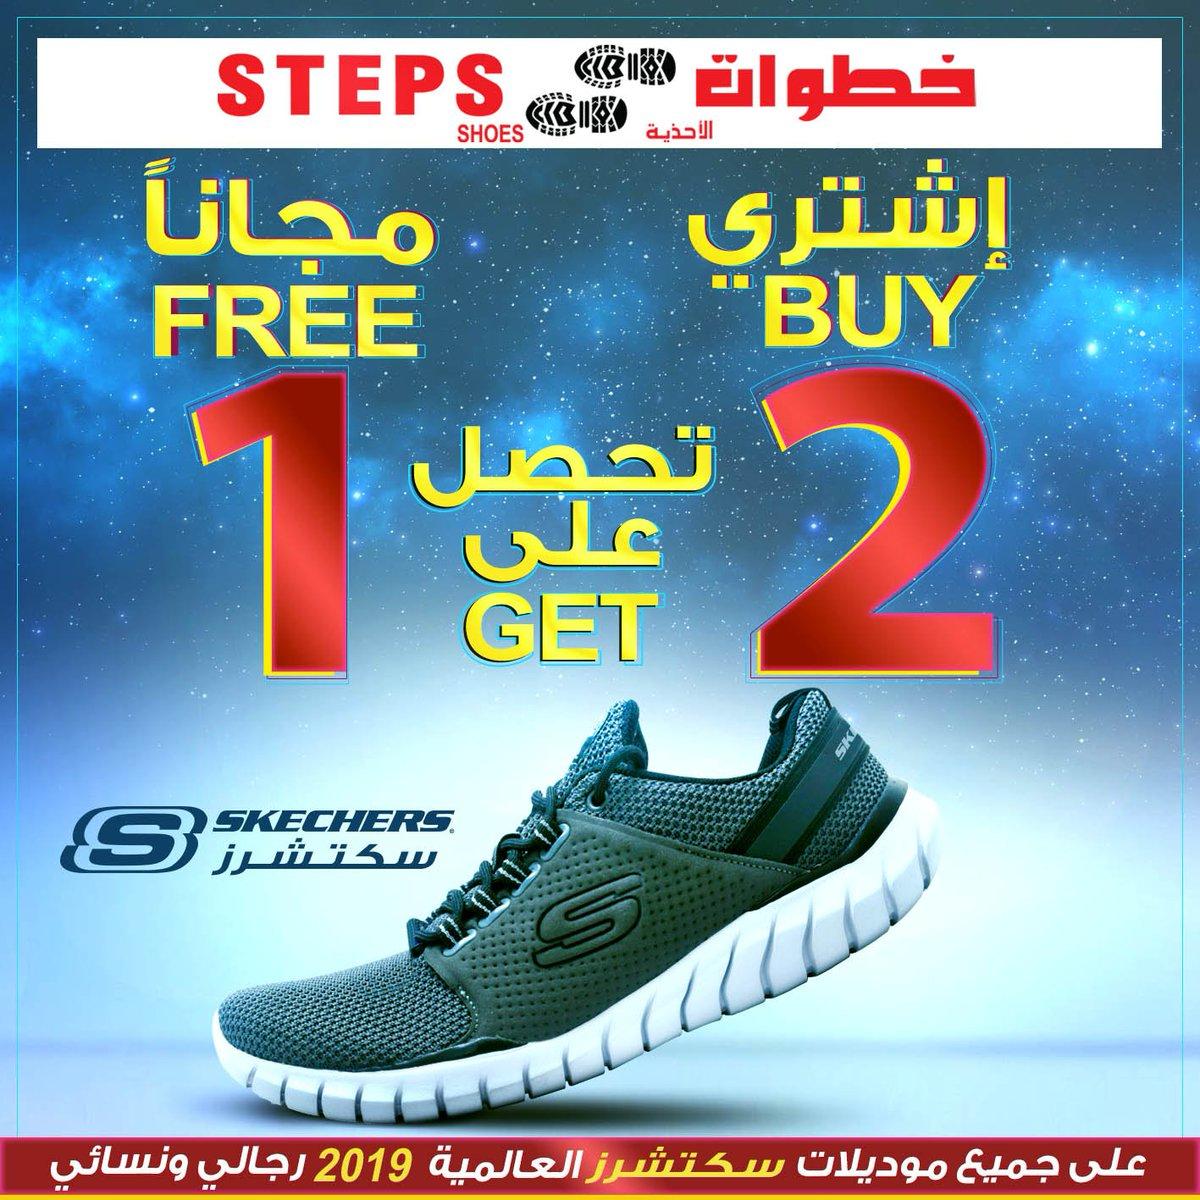 d4d50d4f1 خطوات الأحذية (@ShoesSteps) | Twitter